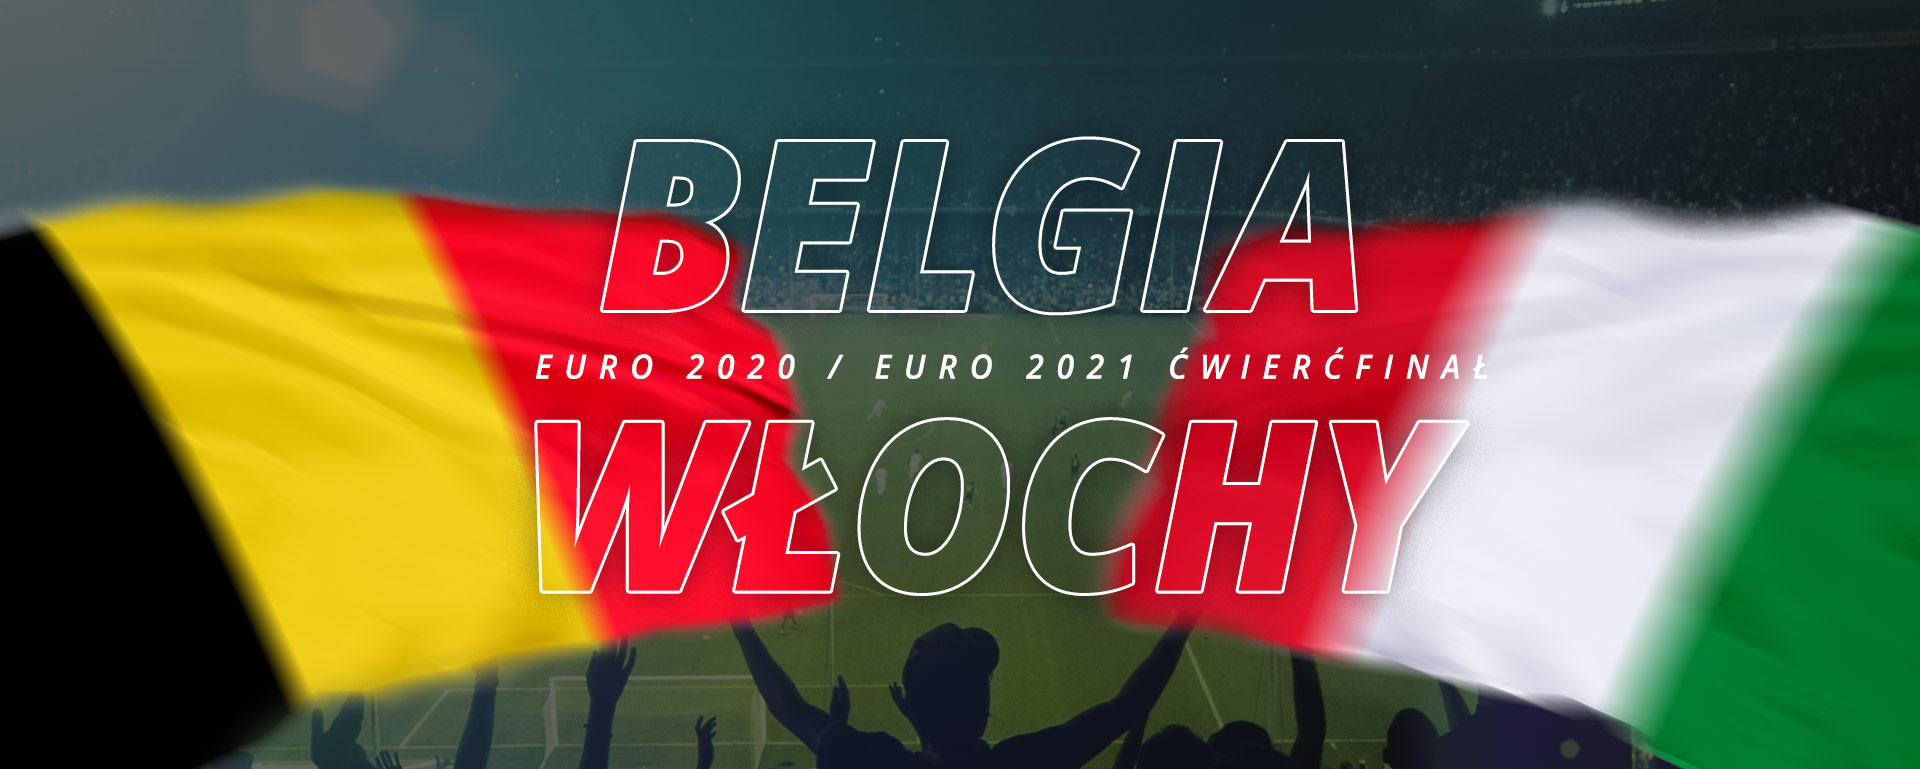 Belgia – Włochy | ćwierćfinał Euro 2020 / Euro 2021